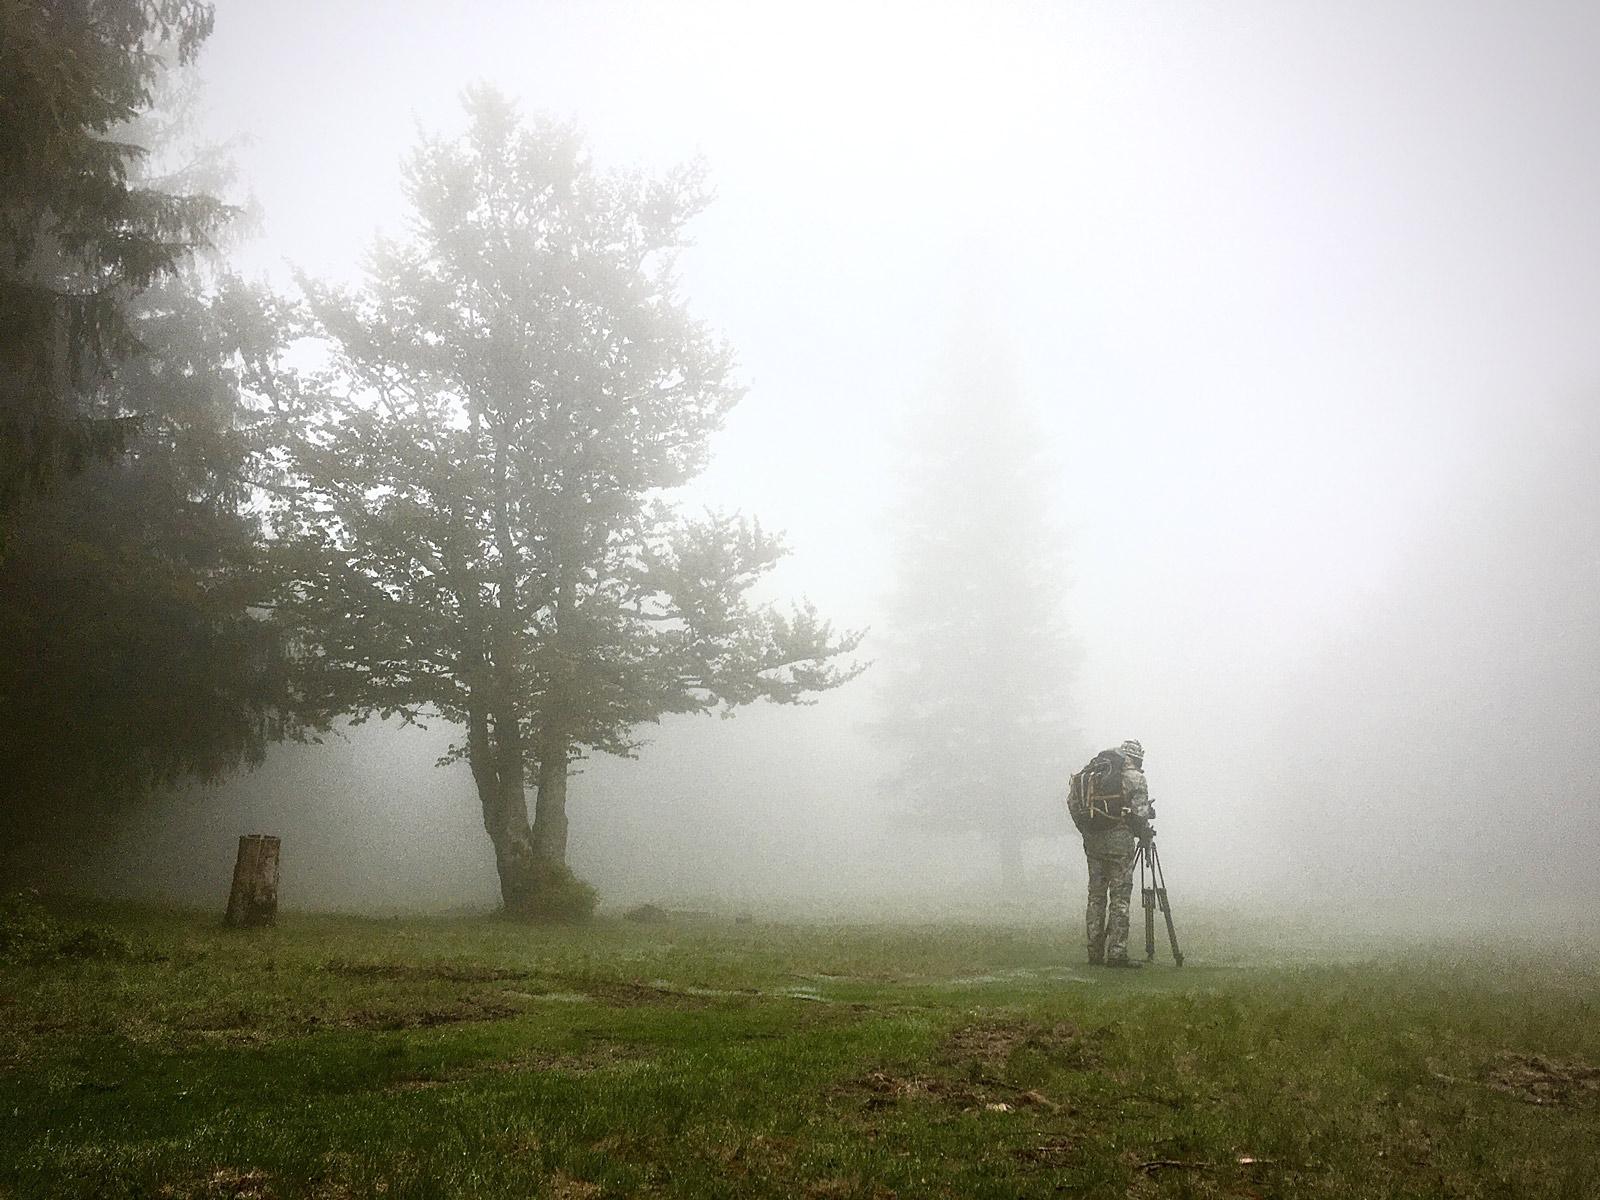 photo de nature embrumé - Iffcam